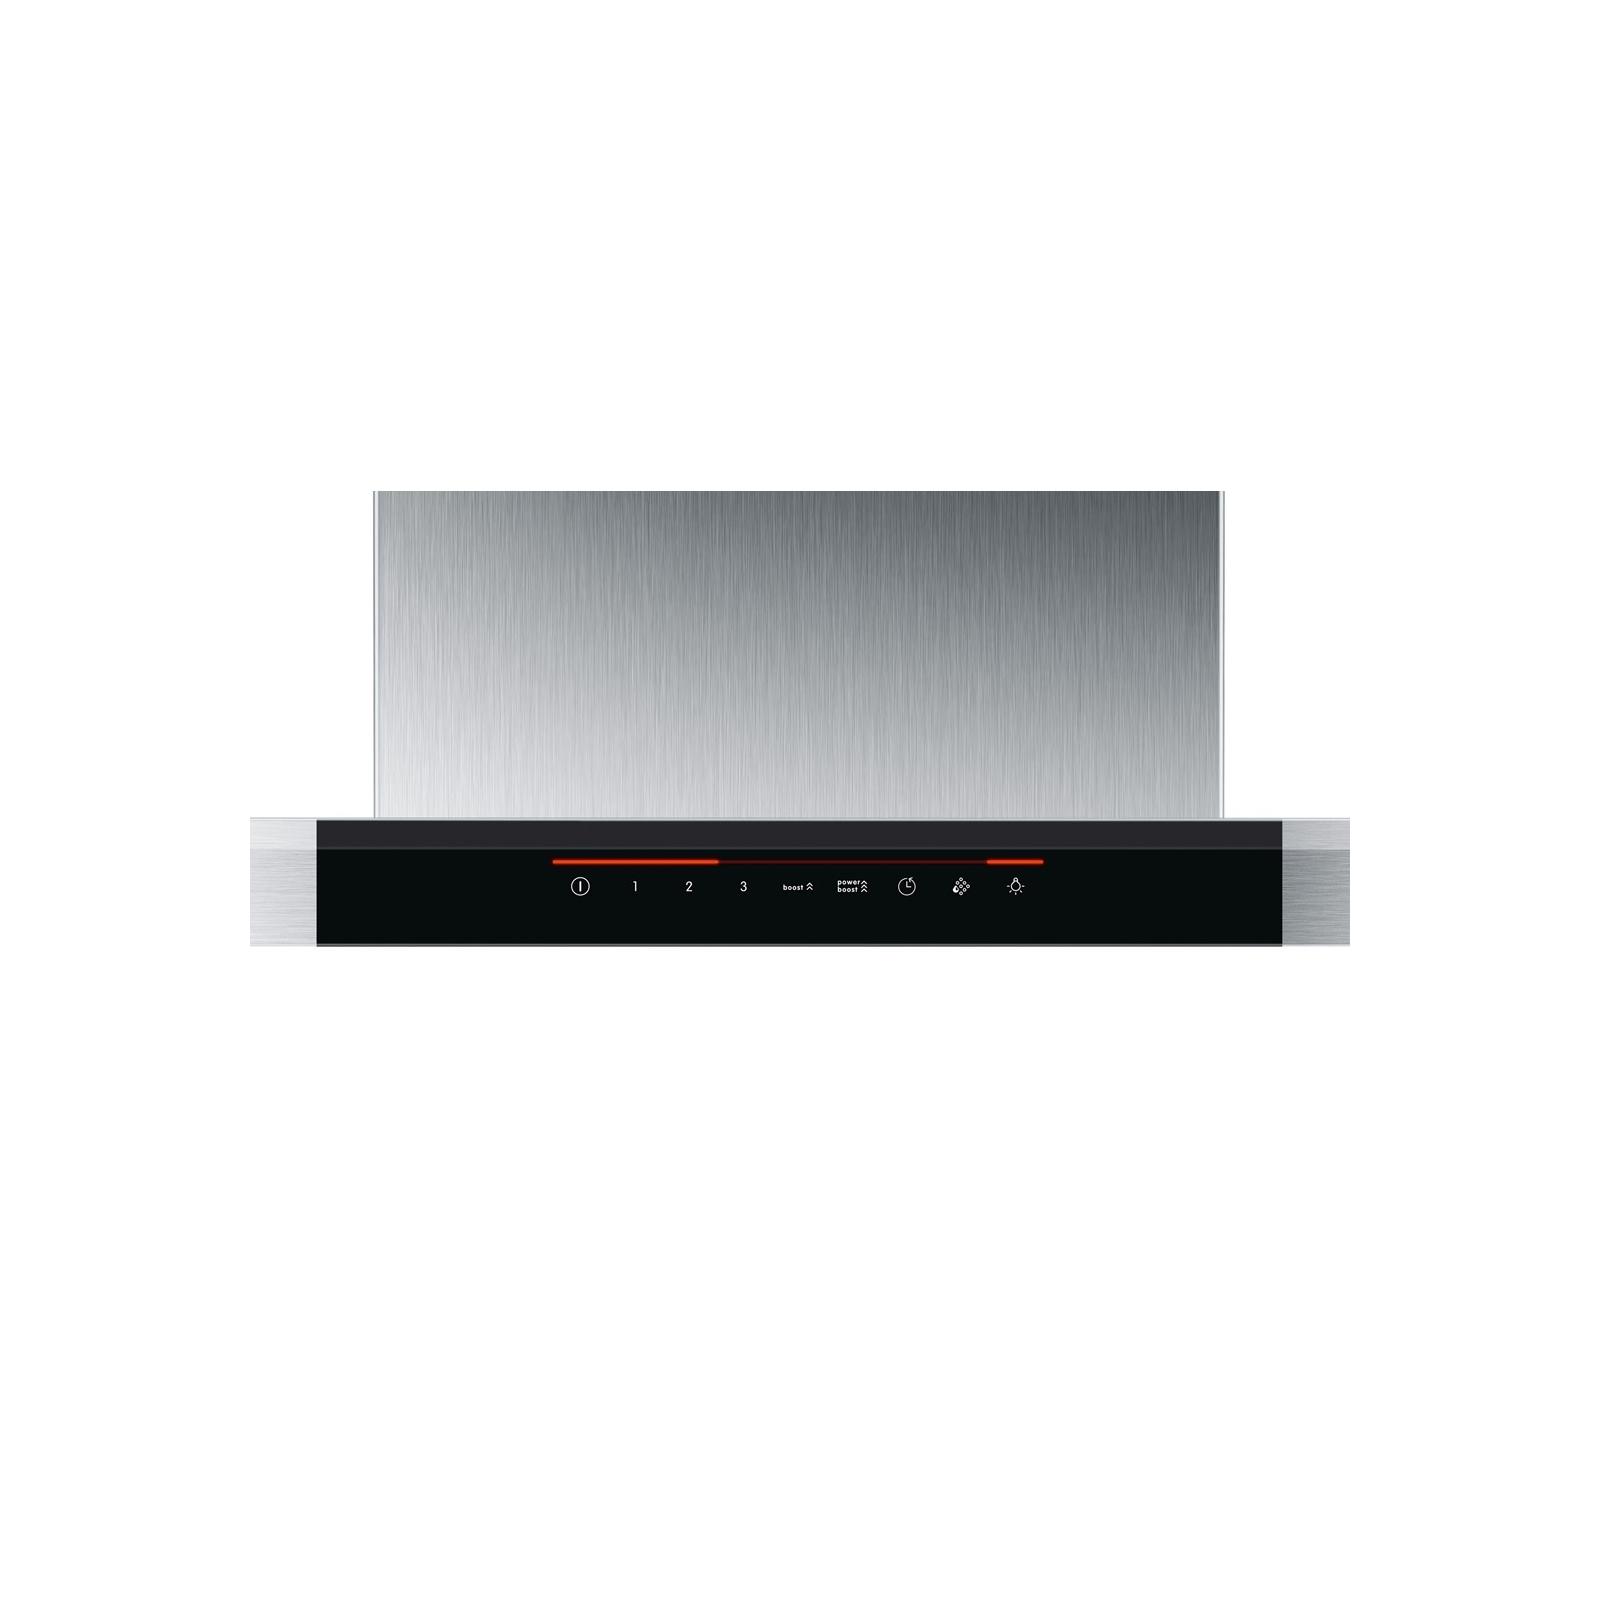 Вытяжка кухонная BOSCH DWB 098 J50 (DWB098J50) изображение 2